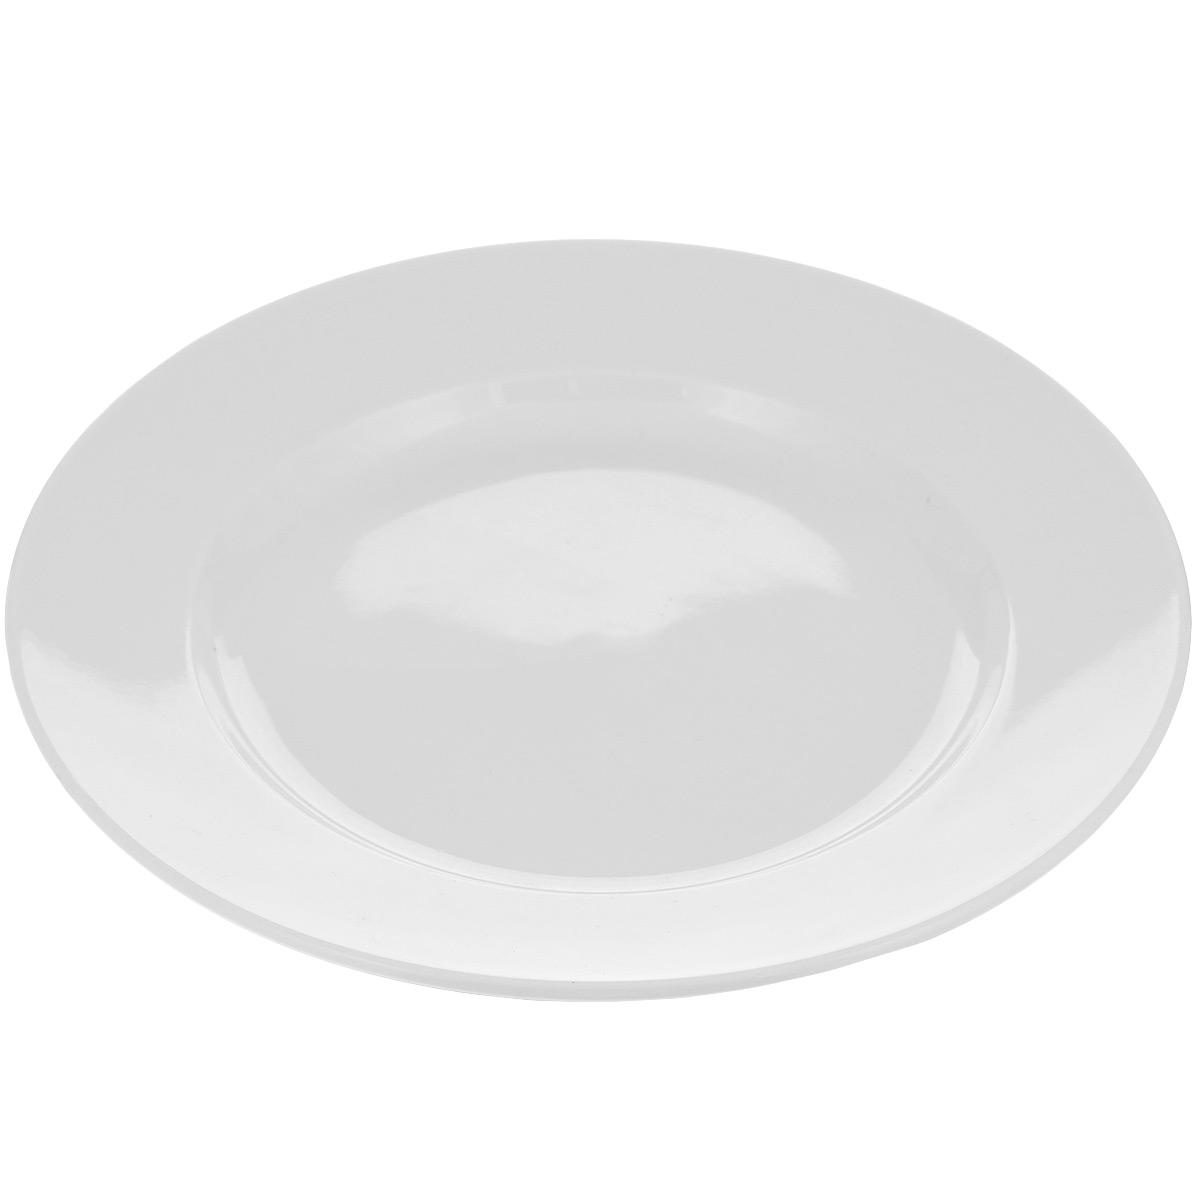 Тарелка десертная Tescoma Opus, диаметр 20 см115610Тарелка Tescoma Opus выполнена из высококачественного фарфора однотонного цвета и прекрасно подойдет для вашей кухни. Такая тарелка изысканно украсит сервировку как обеденного, так и праздничного стола. Предназначена для подачи десертов. Пригодна для использования в микроволновой печи. Можно мыть в посудомоечной машине.Диаметр: 20 см.Высота тарелки: 2,5 см.